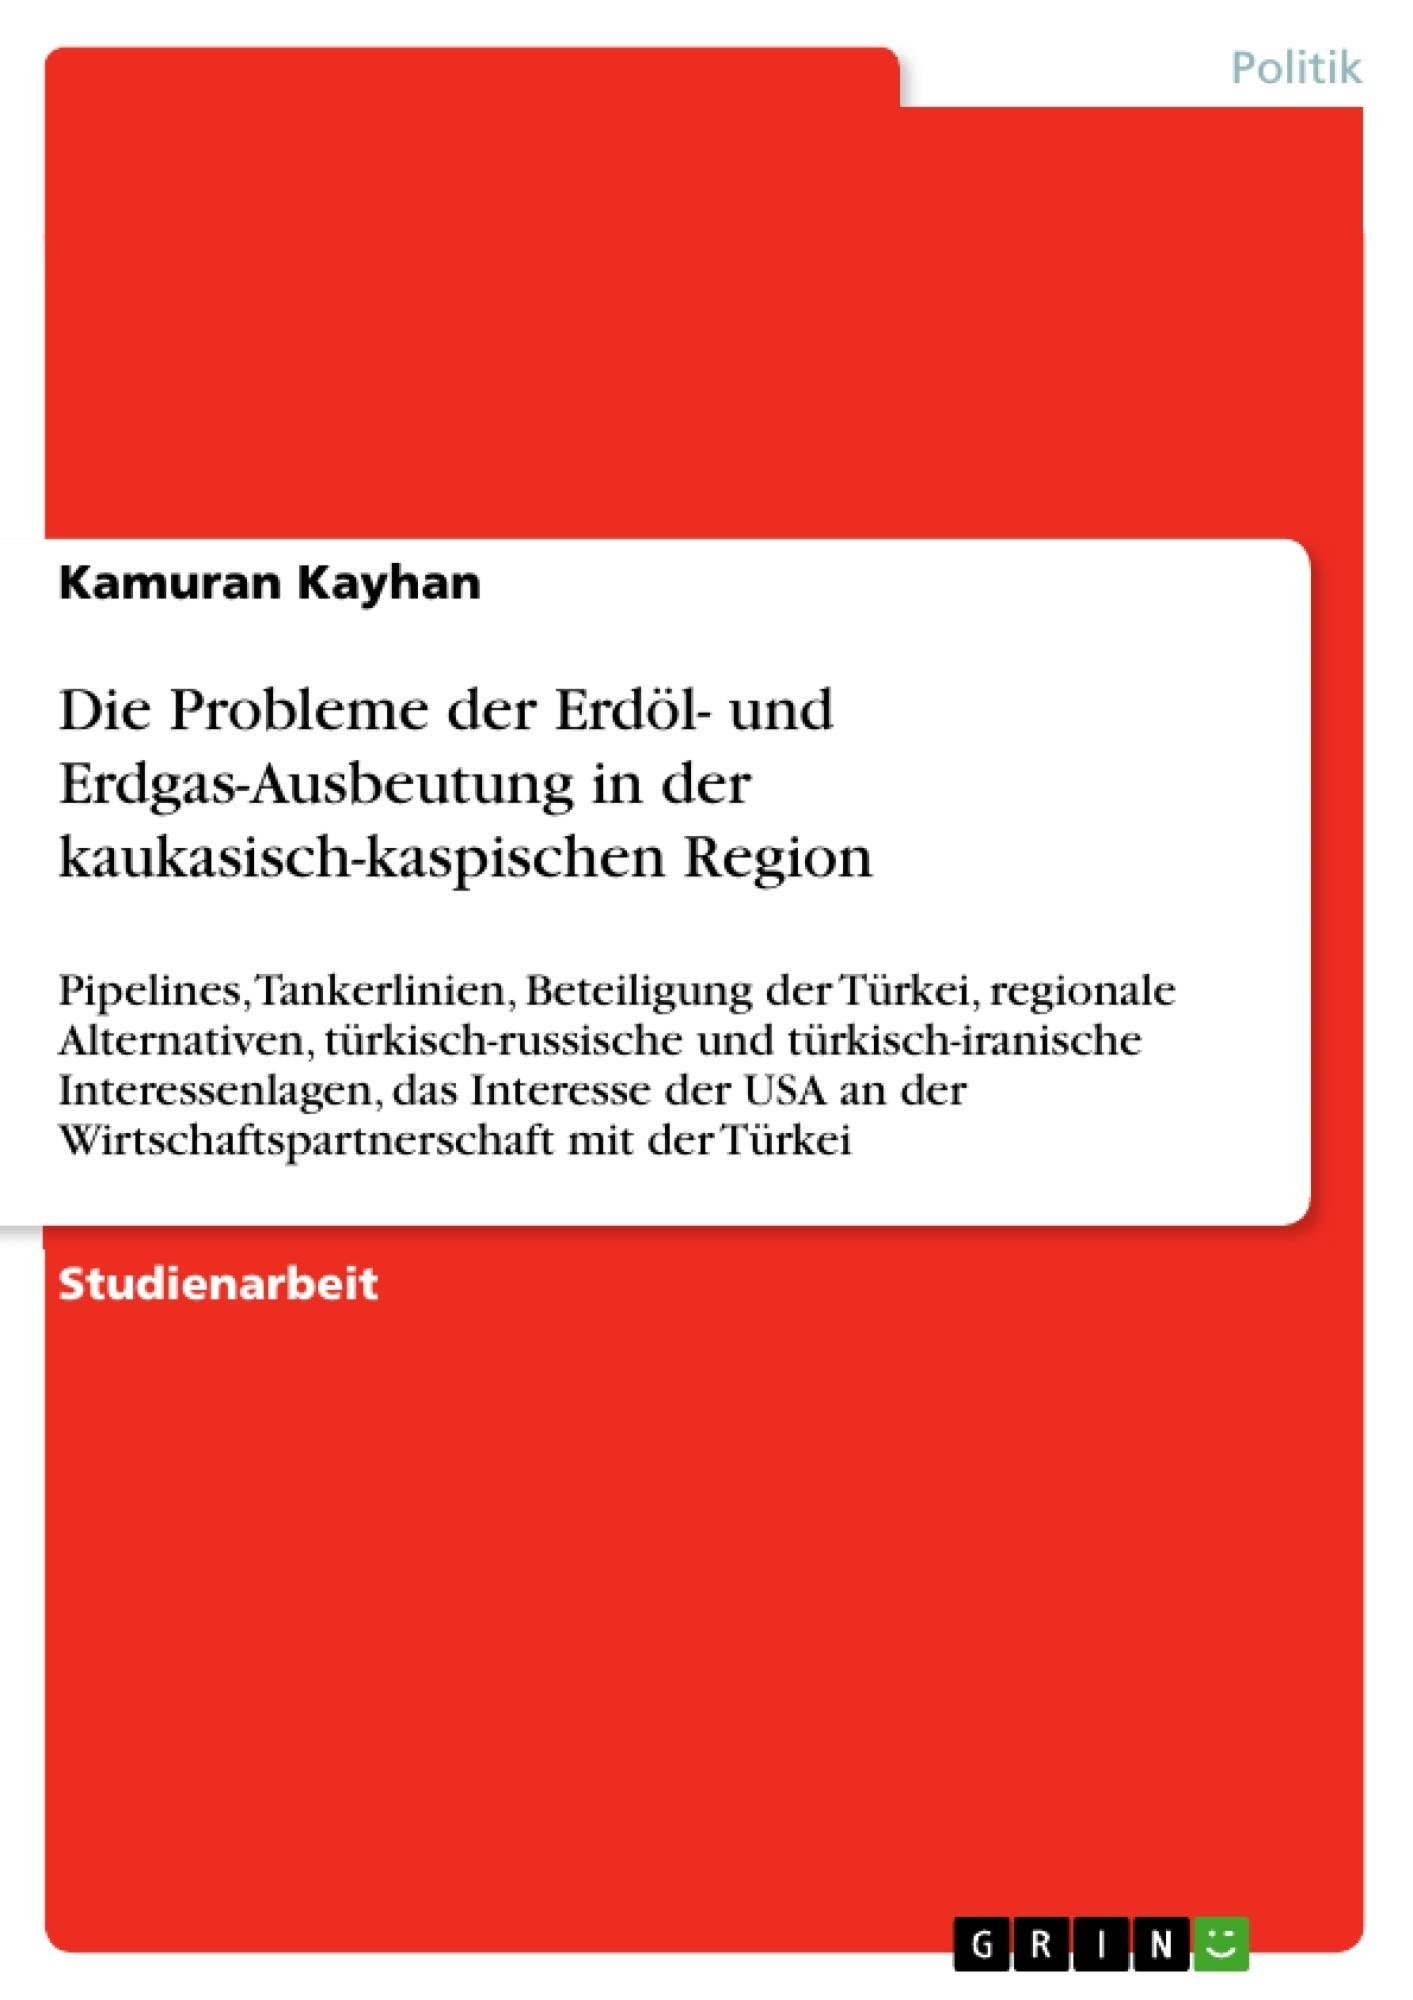 Titel: Die Probleme der Erdöl- und Erdgas-Ausbeutung in der kaukasisch-kaspischen Region